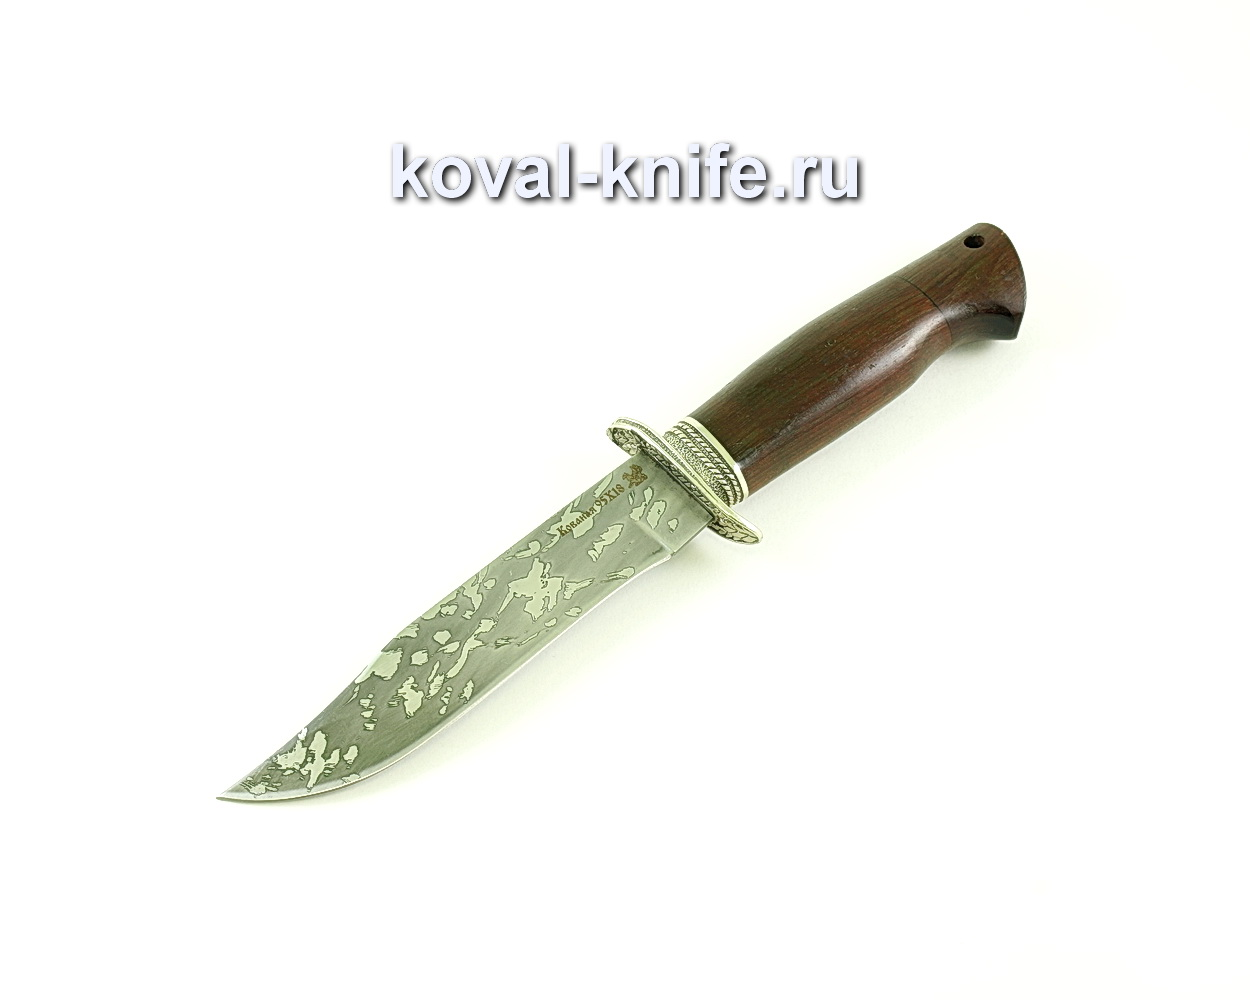 Нож Викинг (сталь 95х18), рукоять венге, литье